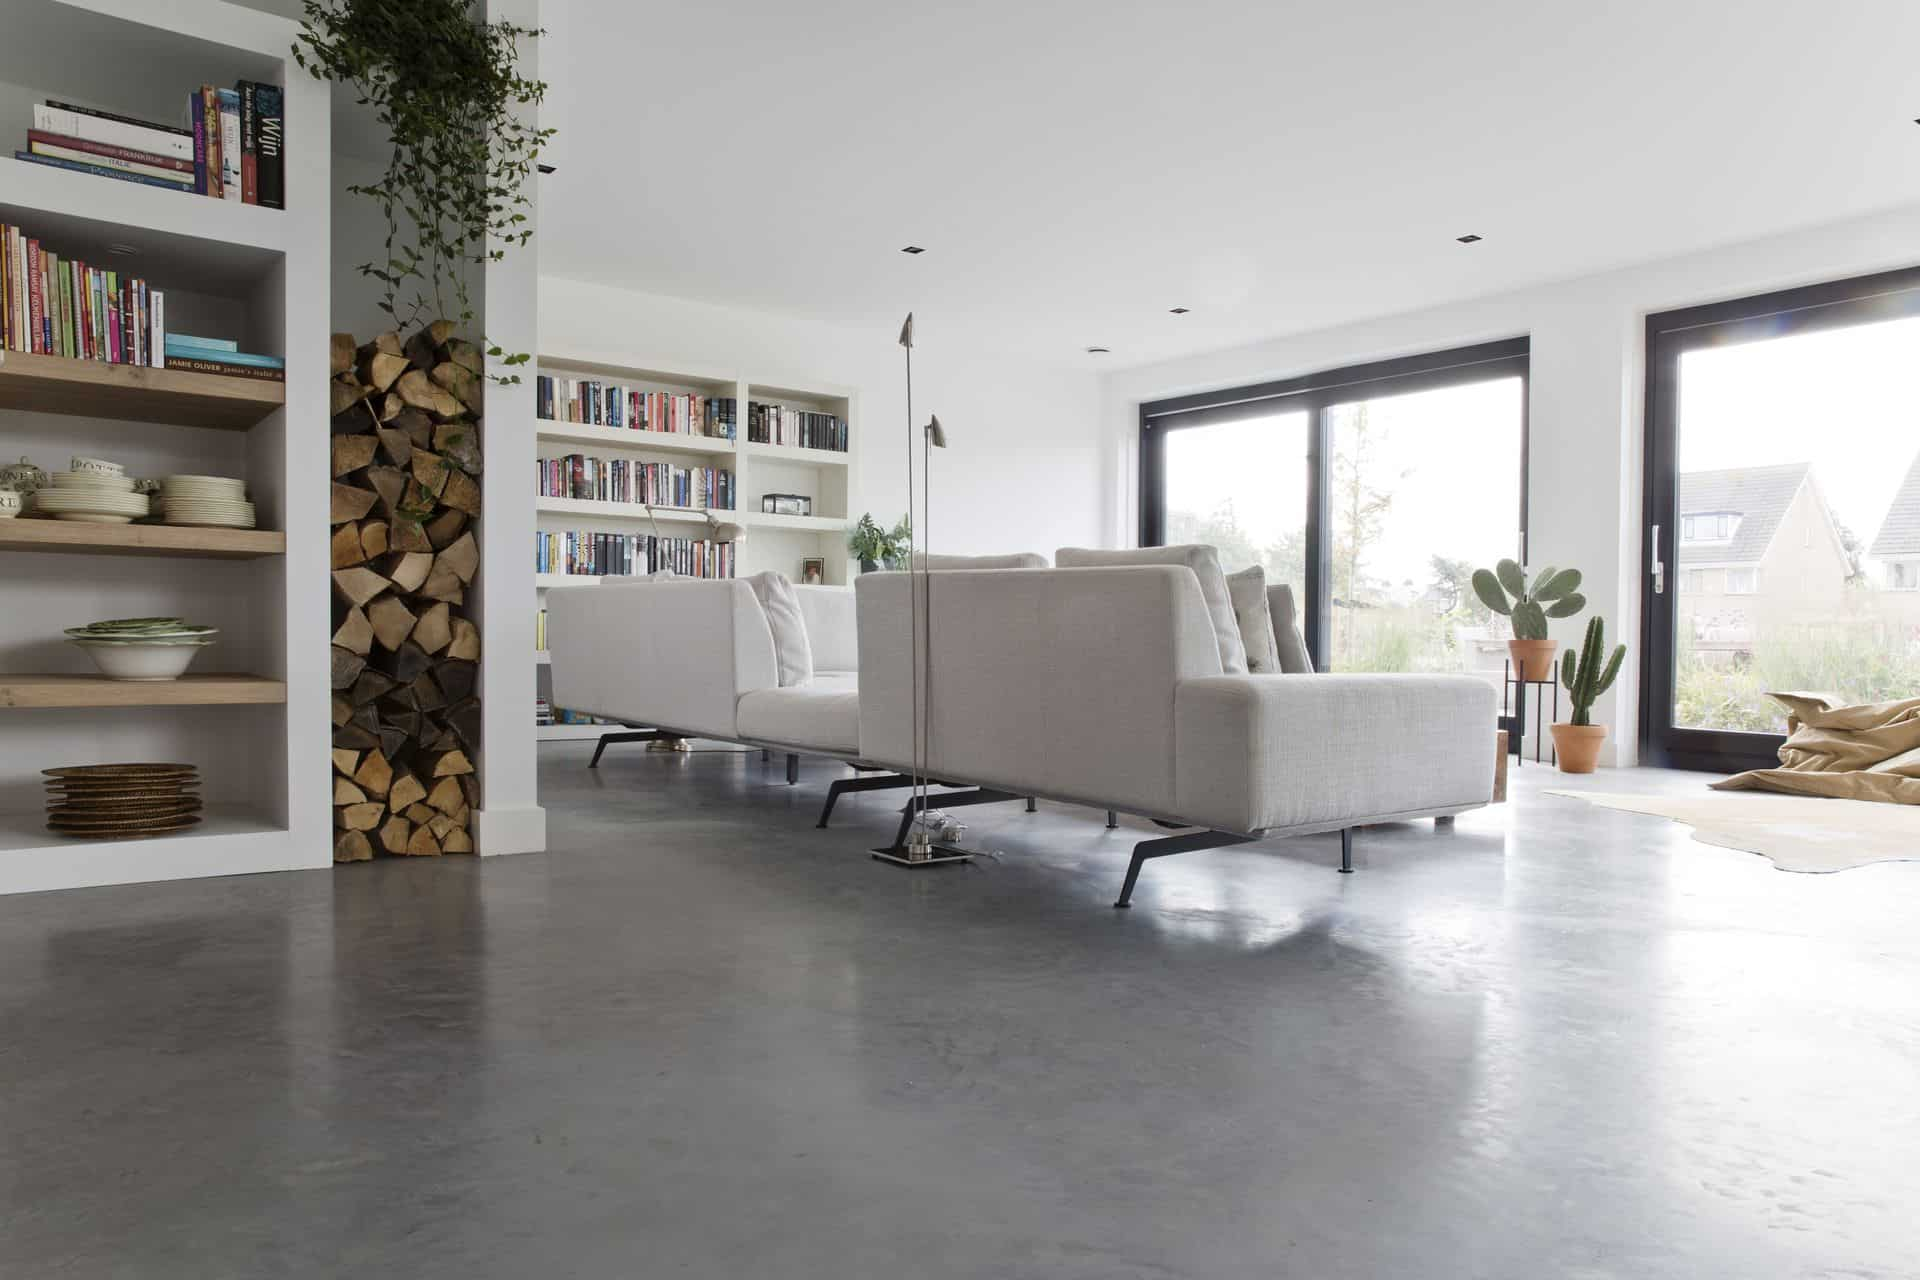 gevlinderde betonvloer, woonbeton in woonkamer, woonkamer met beton, betonvloer in de woonkamer